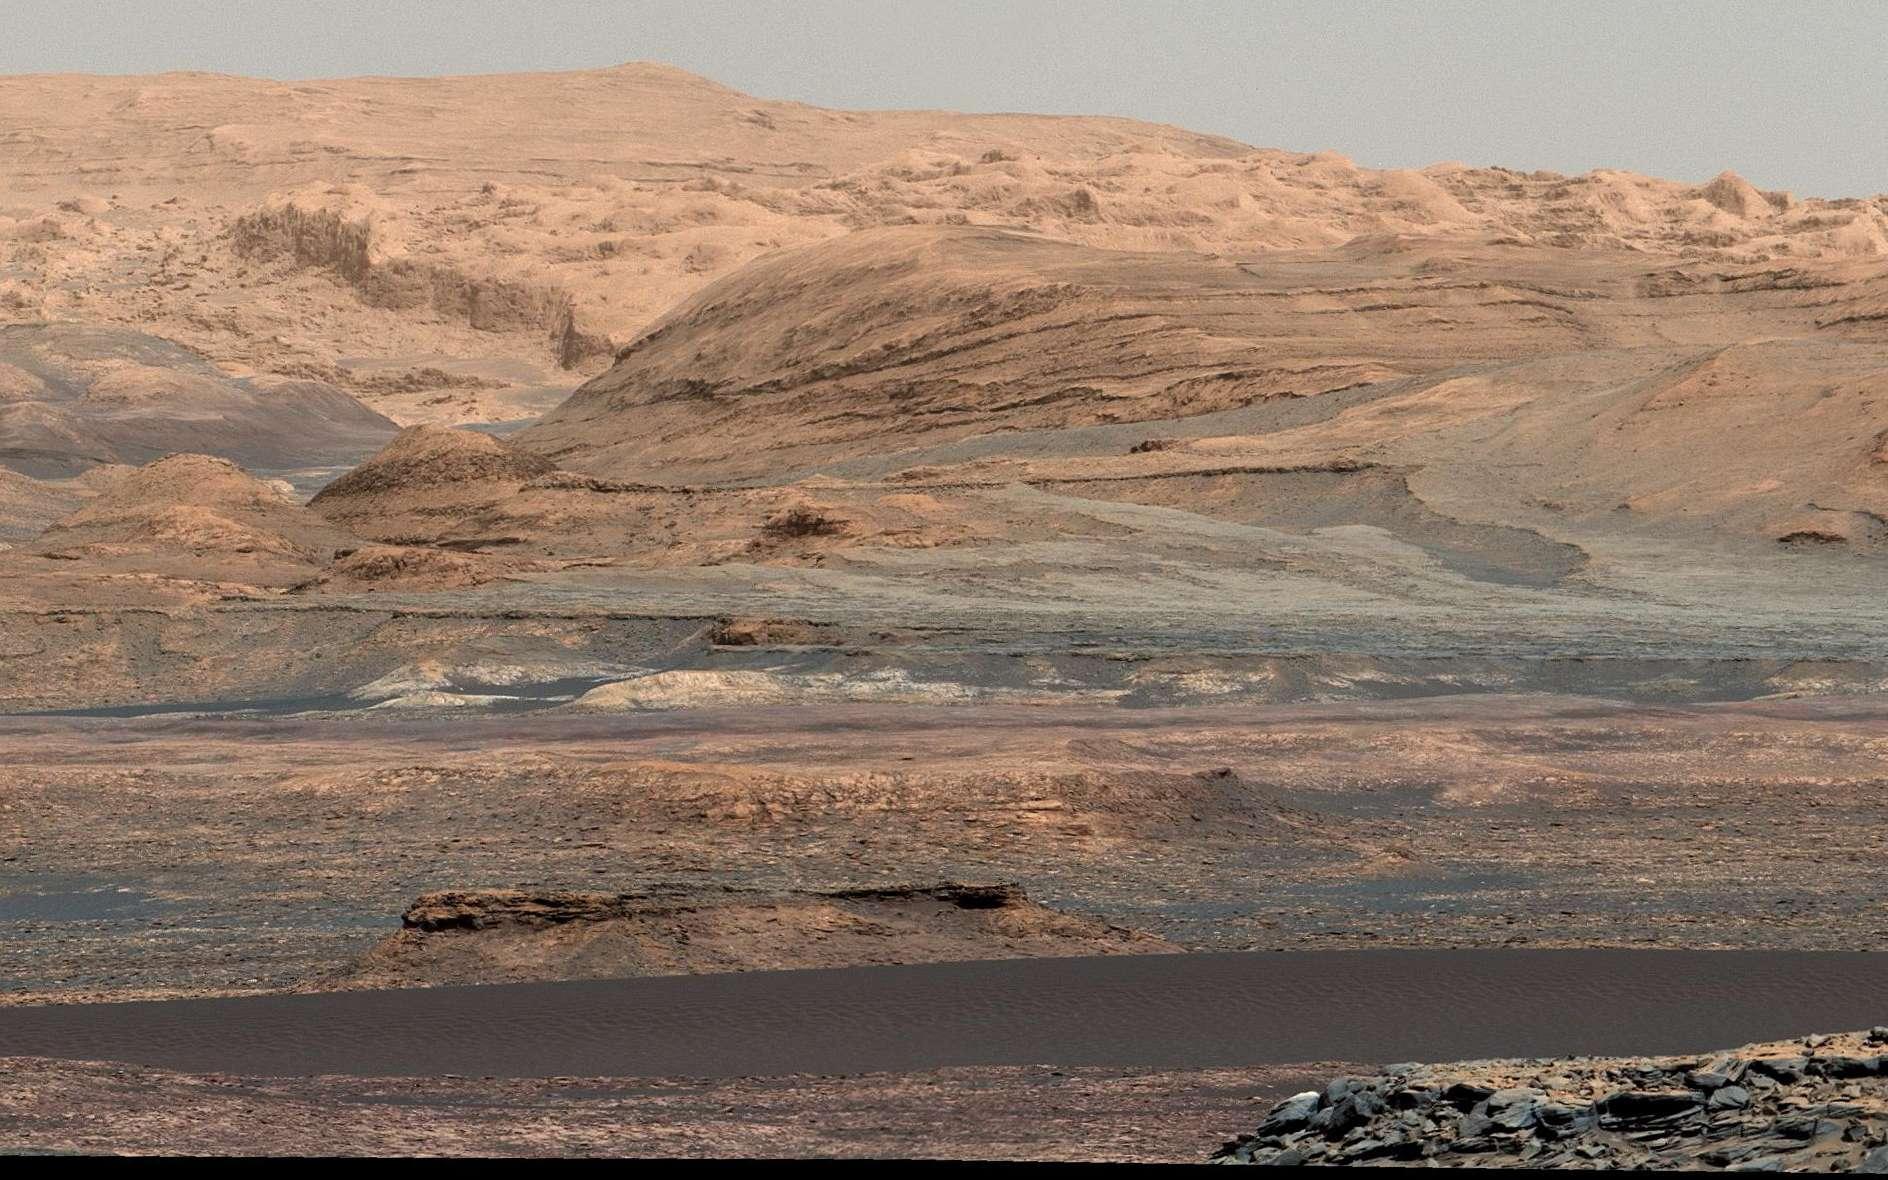 Paysage photographié par Curiosity (image mosaïque) le 25 septembre 2015 lors du Sol 1.115. La bande sombre visible dans la partie basse de l'image est une partie des dunes de Bagnold qui s'étendent le long du flanc nord-ouest du mont Sharp. Le 15 novembre, le rover n'était plus qu'à quelques dizaines de mètres de la dune n°1 qui sera la première examinée en détail sur un autre monde que la Terre. © Nasa, JPL-Caltech, University of Arizona